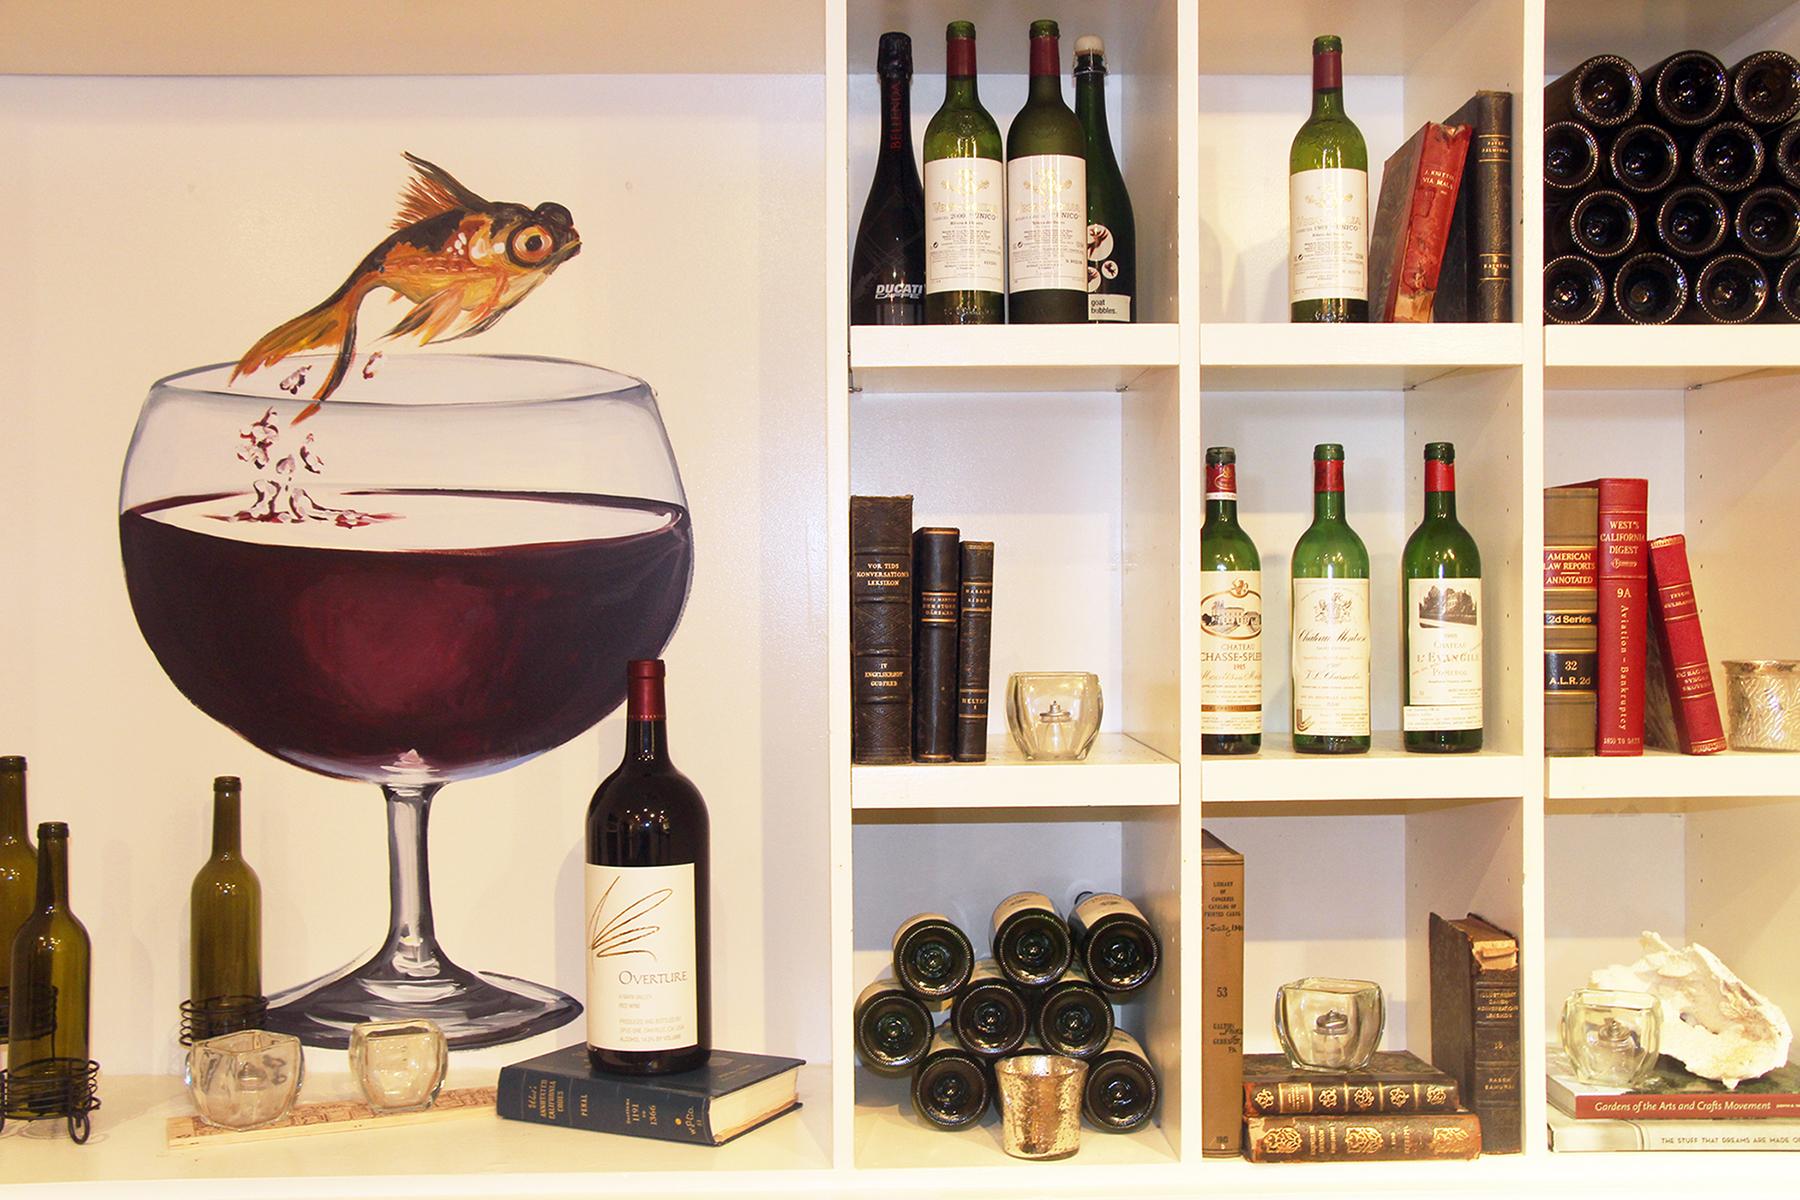 Wine Room Story - The Wine Room Vignette 1